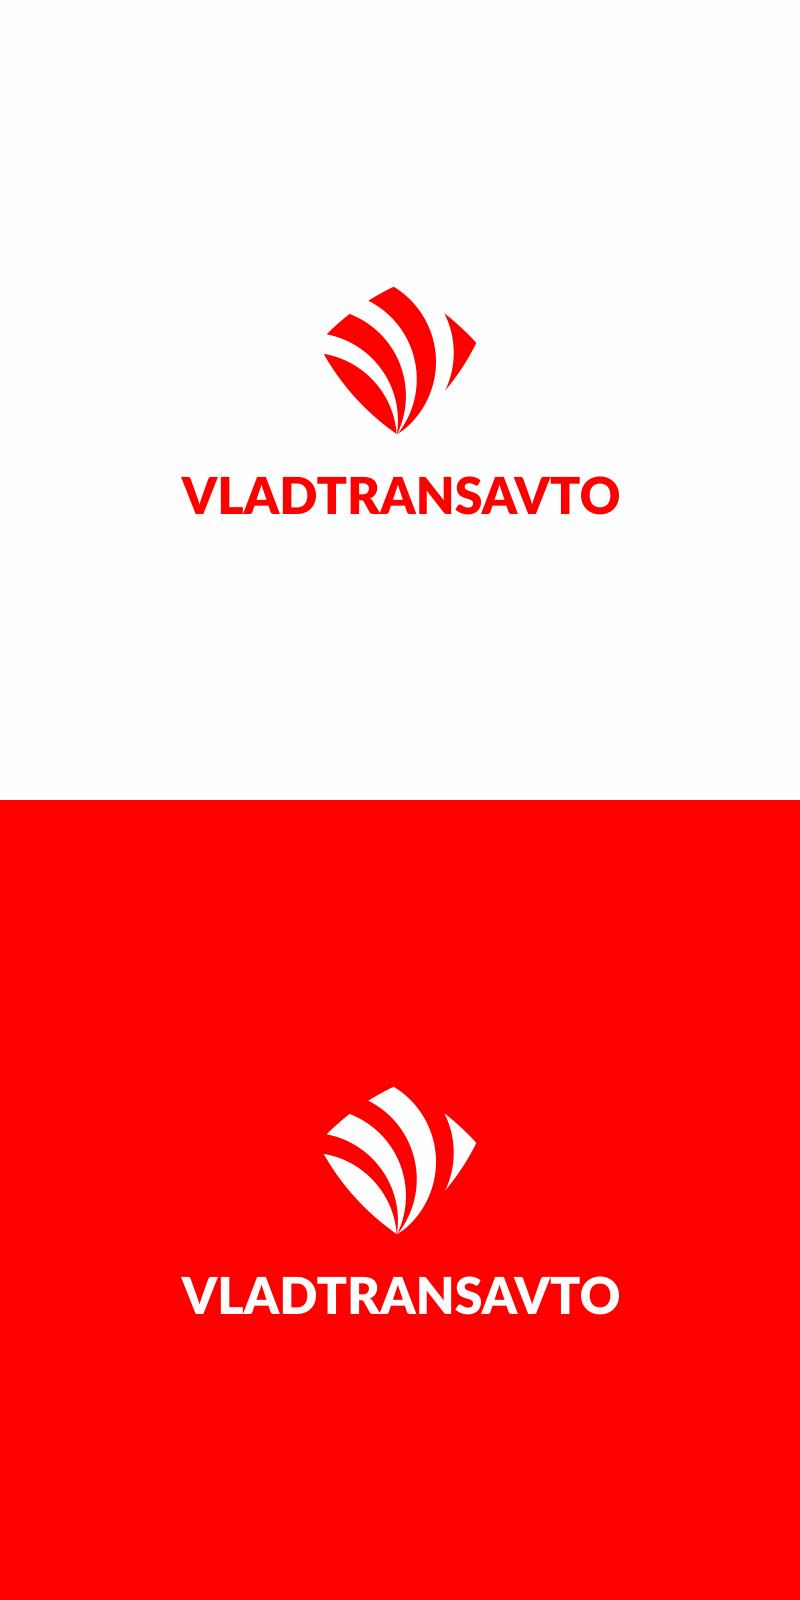 Логотип и фирменный стиль для транспортной компании Владтрансавто фото f_7585ced202907872.png